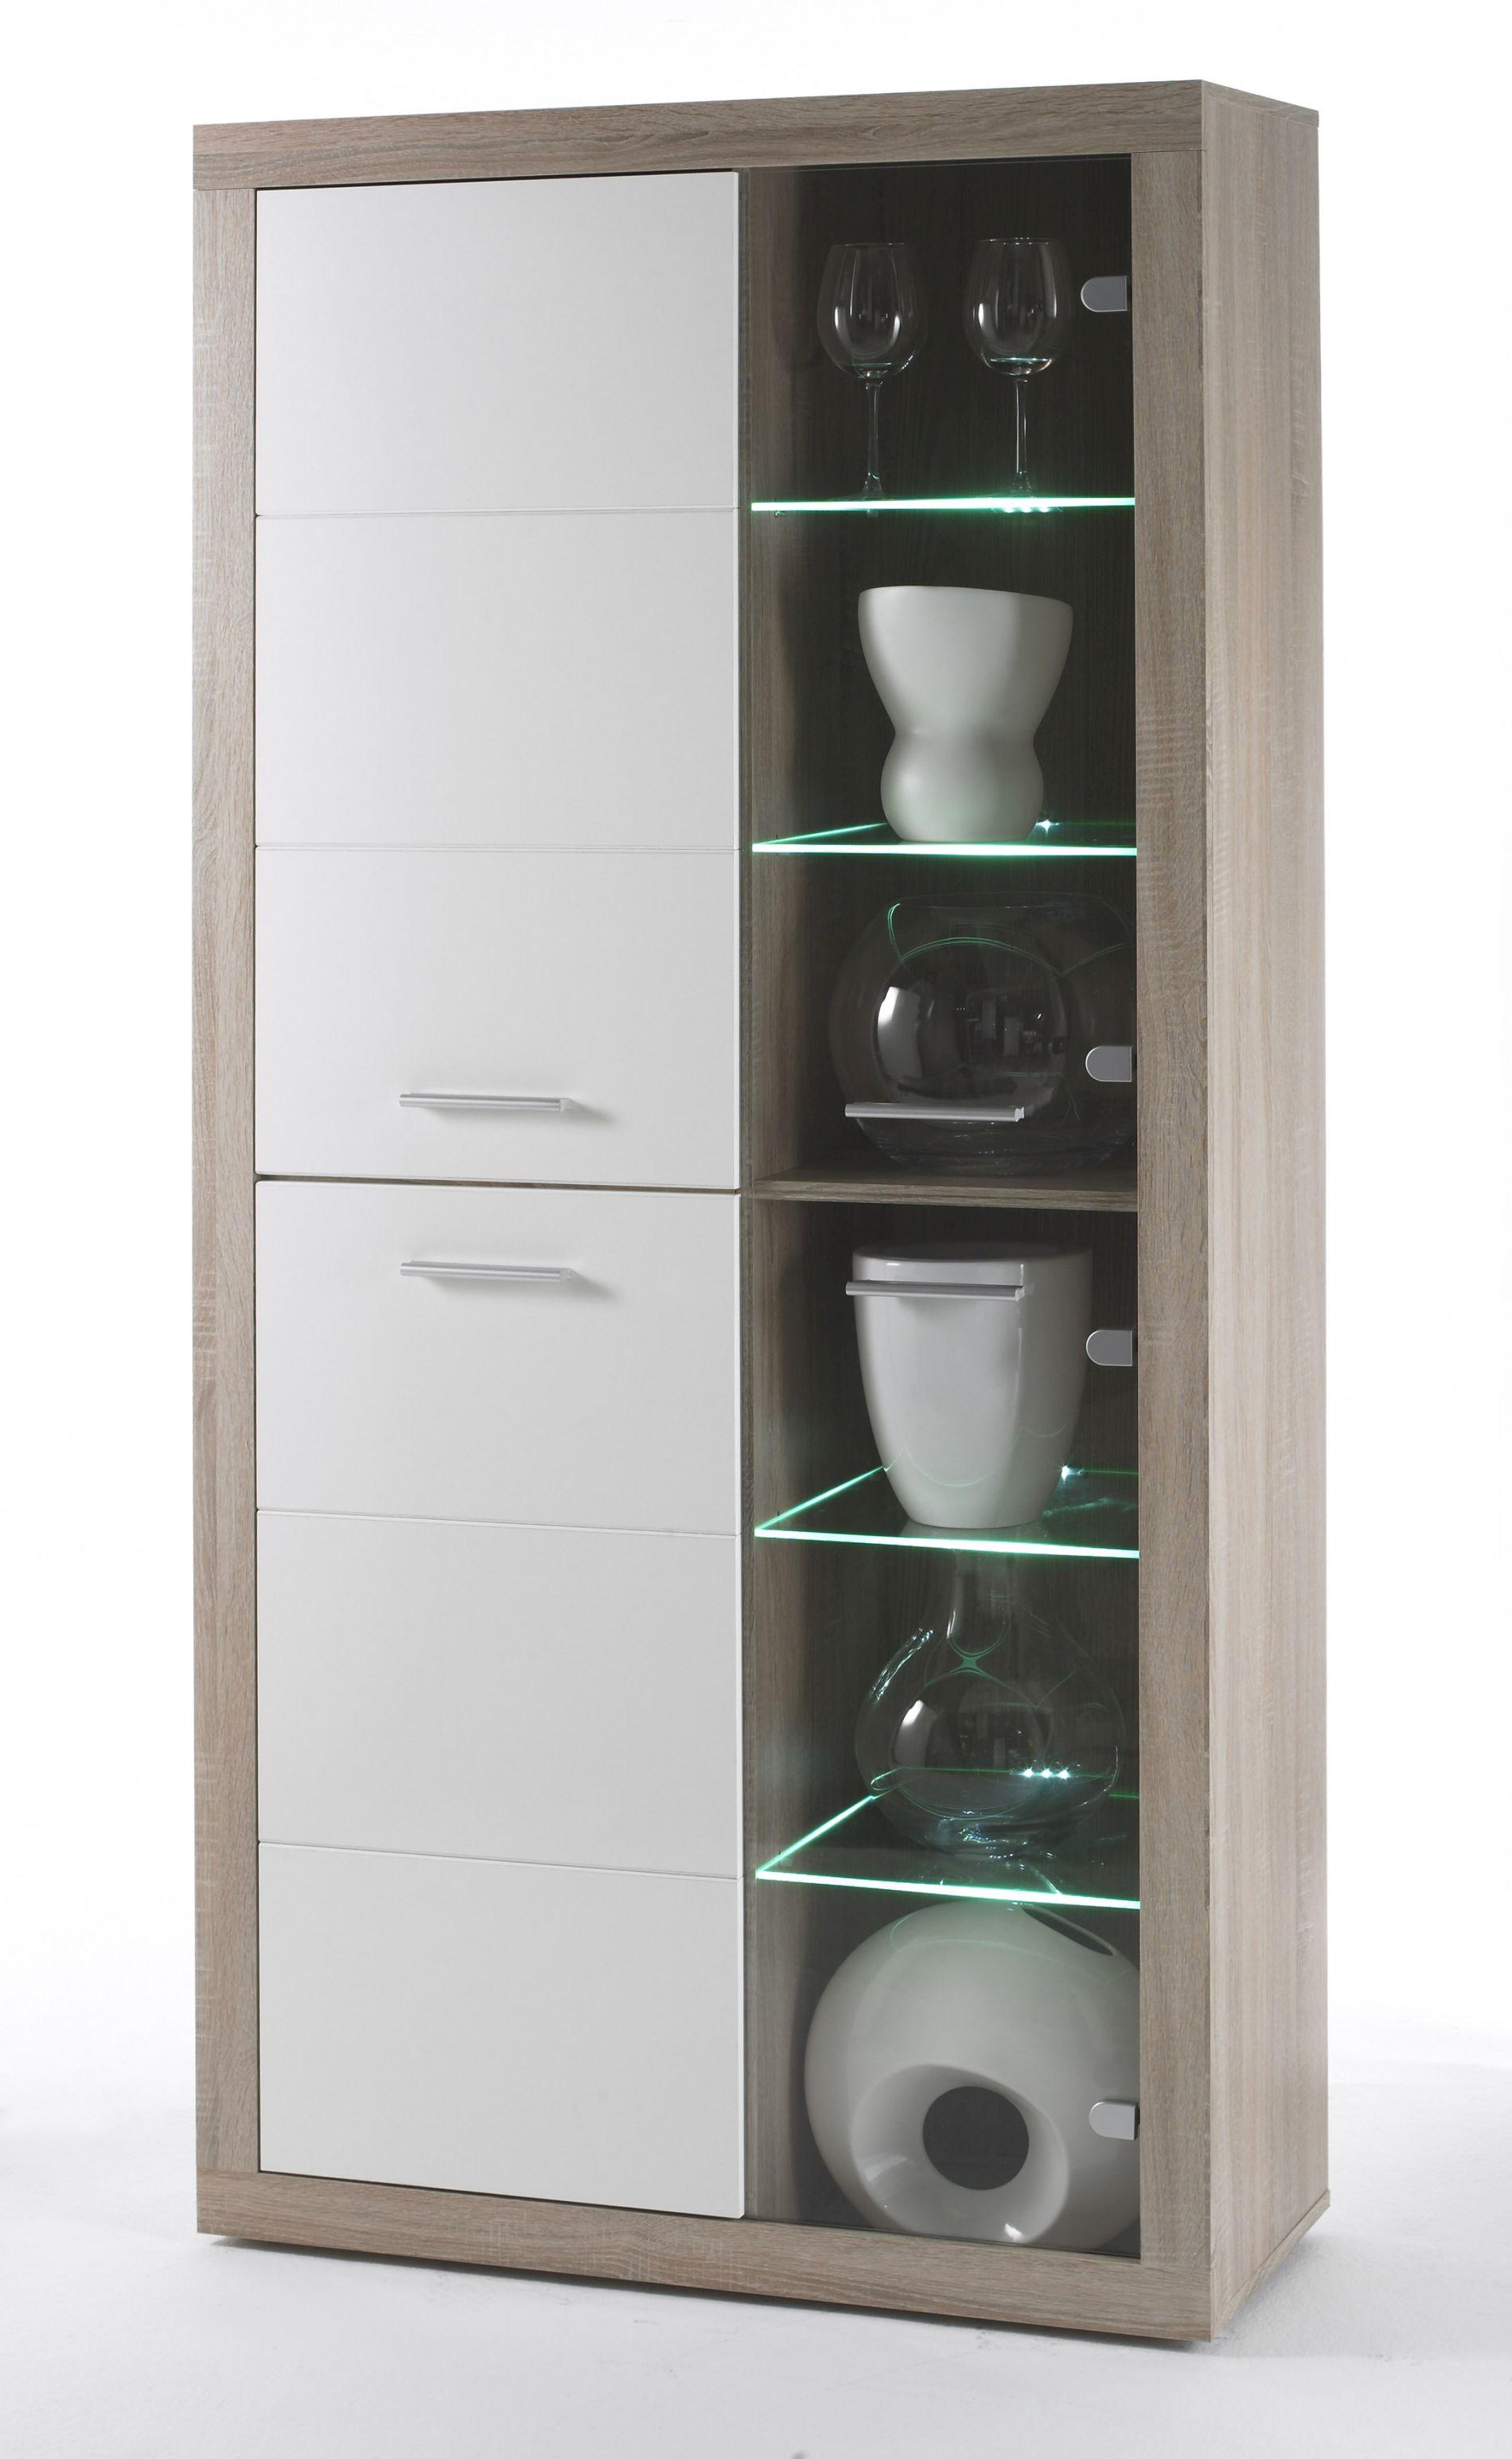 vitrine cancan t5 wohnprogramme wohnzimmer sortiment pack zu m bel sb und k chen discount. Black Bedroom Furniture Sets. Home Design Ideas